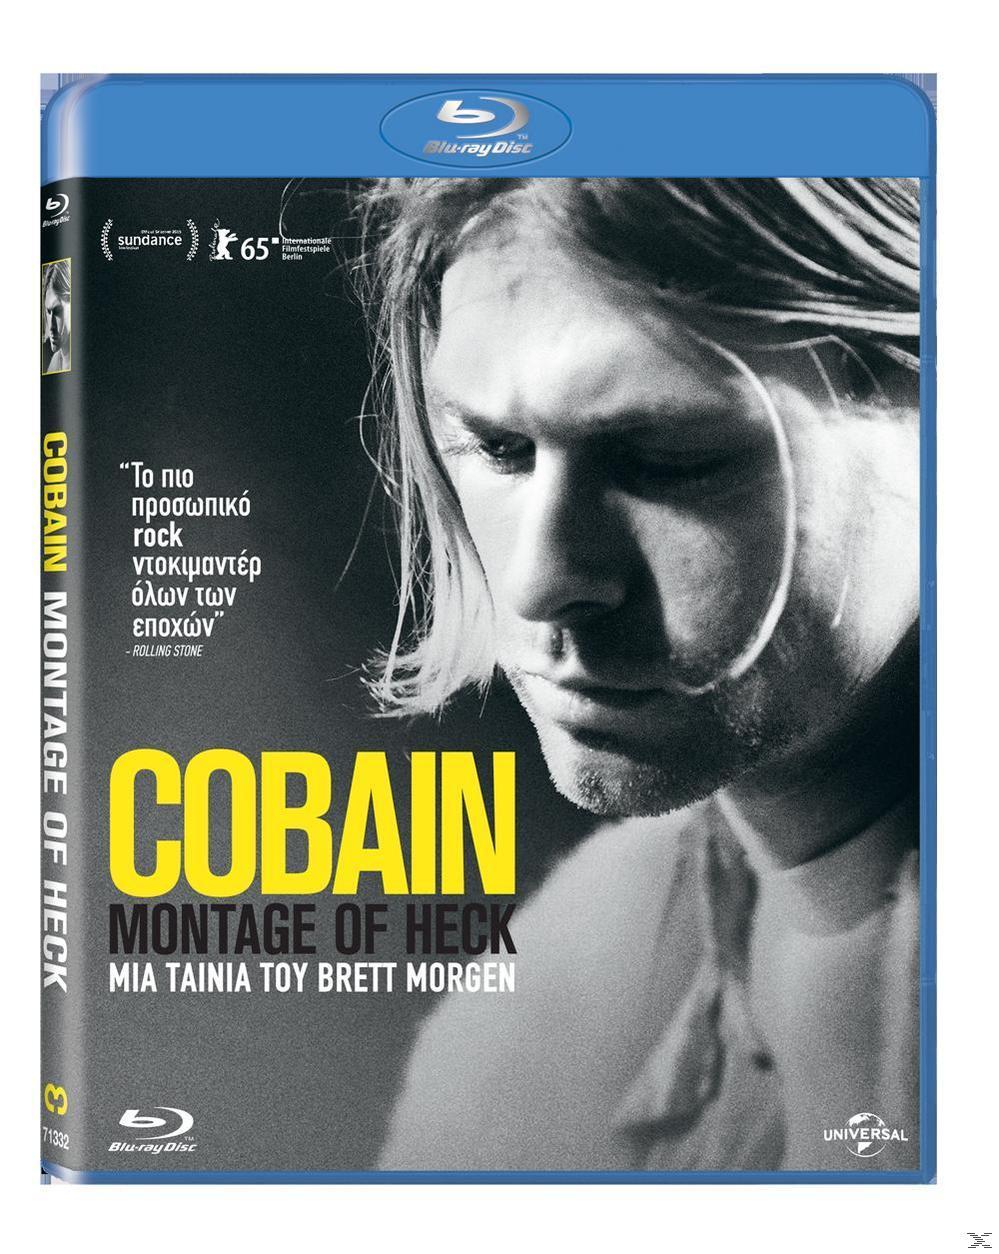 Το ντοκιμαντέρ για τον Kurt Cobain!